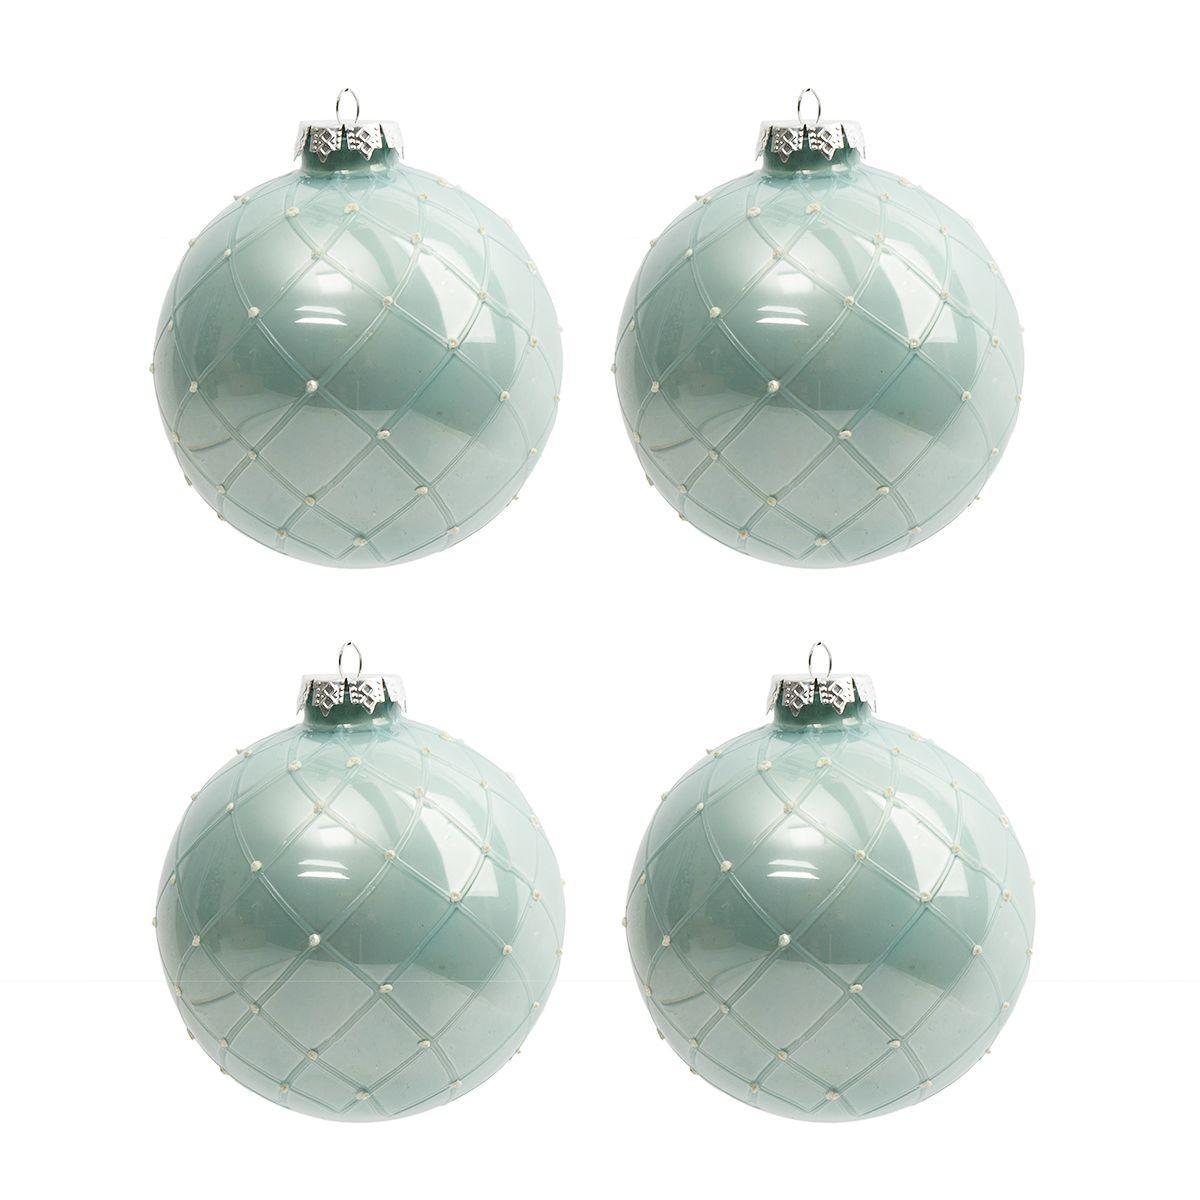 Новогодние шары на ёлку светло-бирюзового цвета, 4 шт.